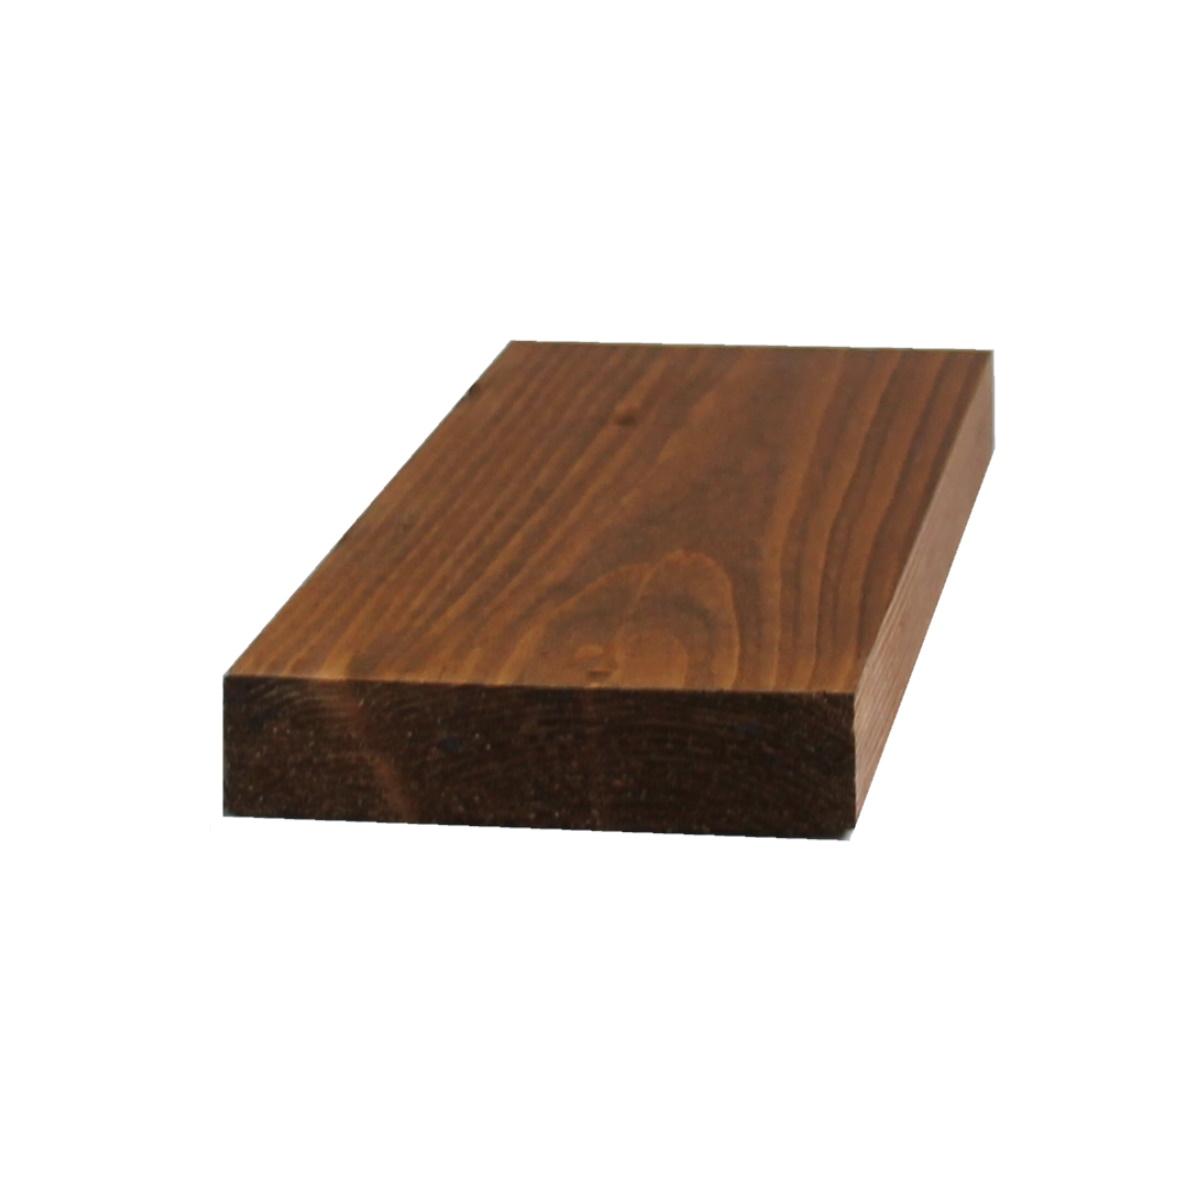 Tavola Abete Piallata E Impregnata Spessore 25 Mm Wood4you